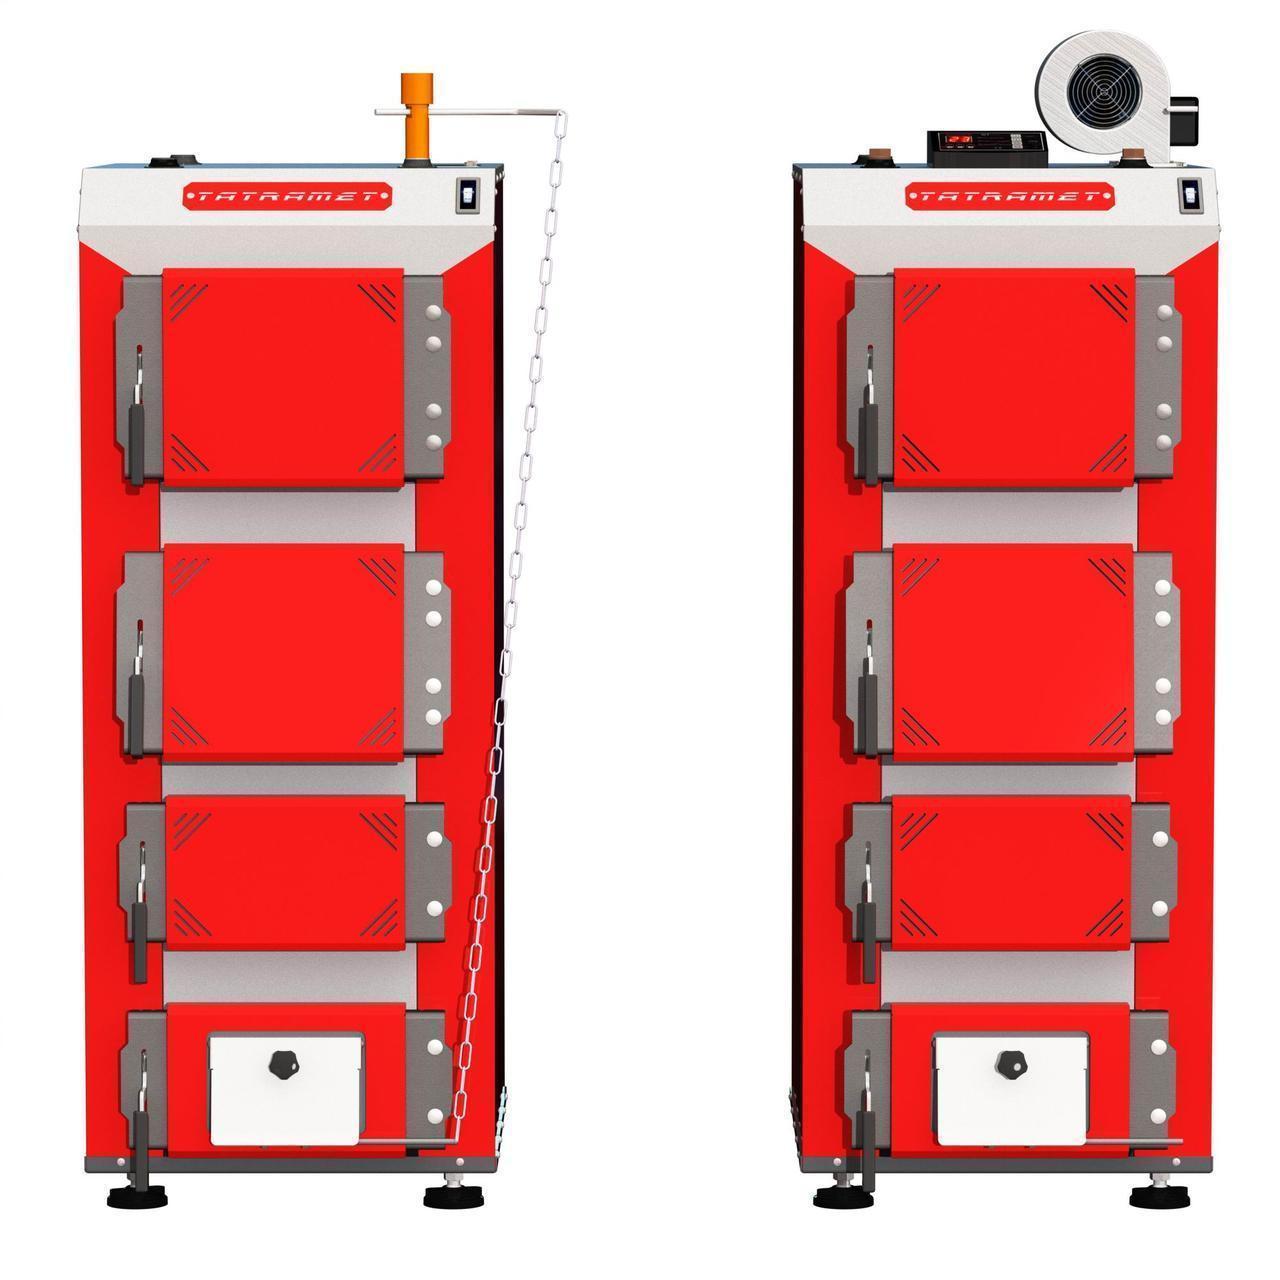 Твердопаливний котел з ручним завантаженням палива TATRAMET SPARTAK Classic (ТАТРАМЕТ СПАРТАК КЛАСИК) 43 кВт